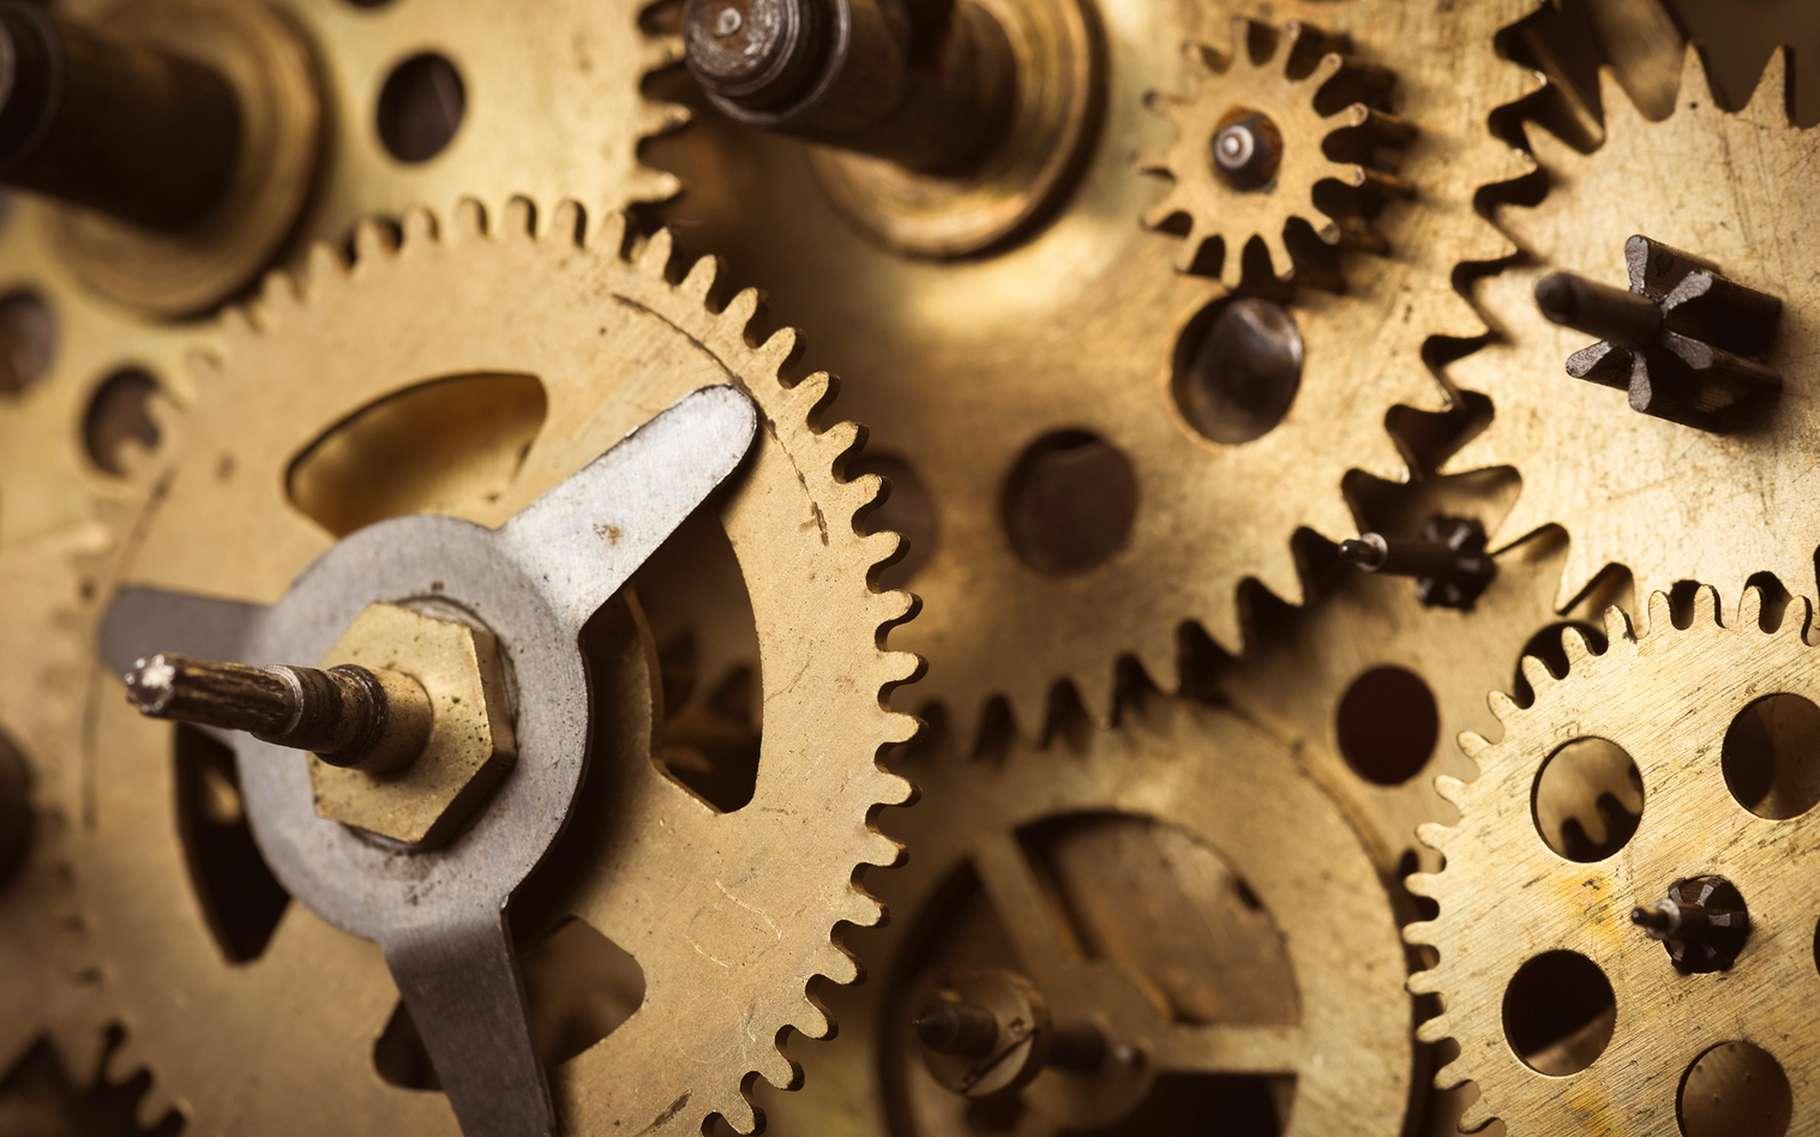 Léonard de Vinci s'est intéressé aux lois du frottement intervenant dans le fonctionnement des engrenages de toutes sortes. Il en aurait eu connaissance depuis au moins 1493. © nevodka, Shuterstock